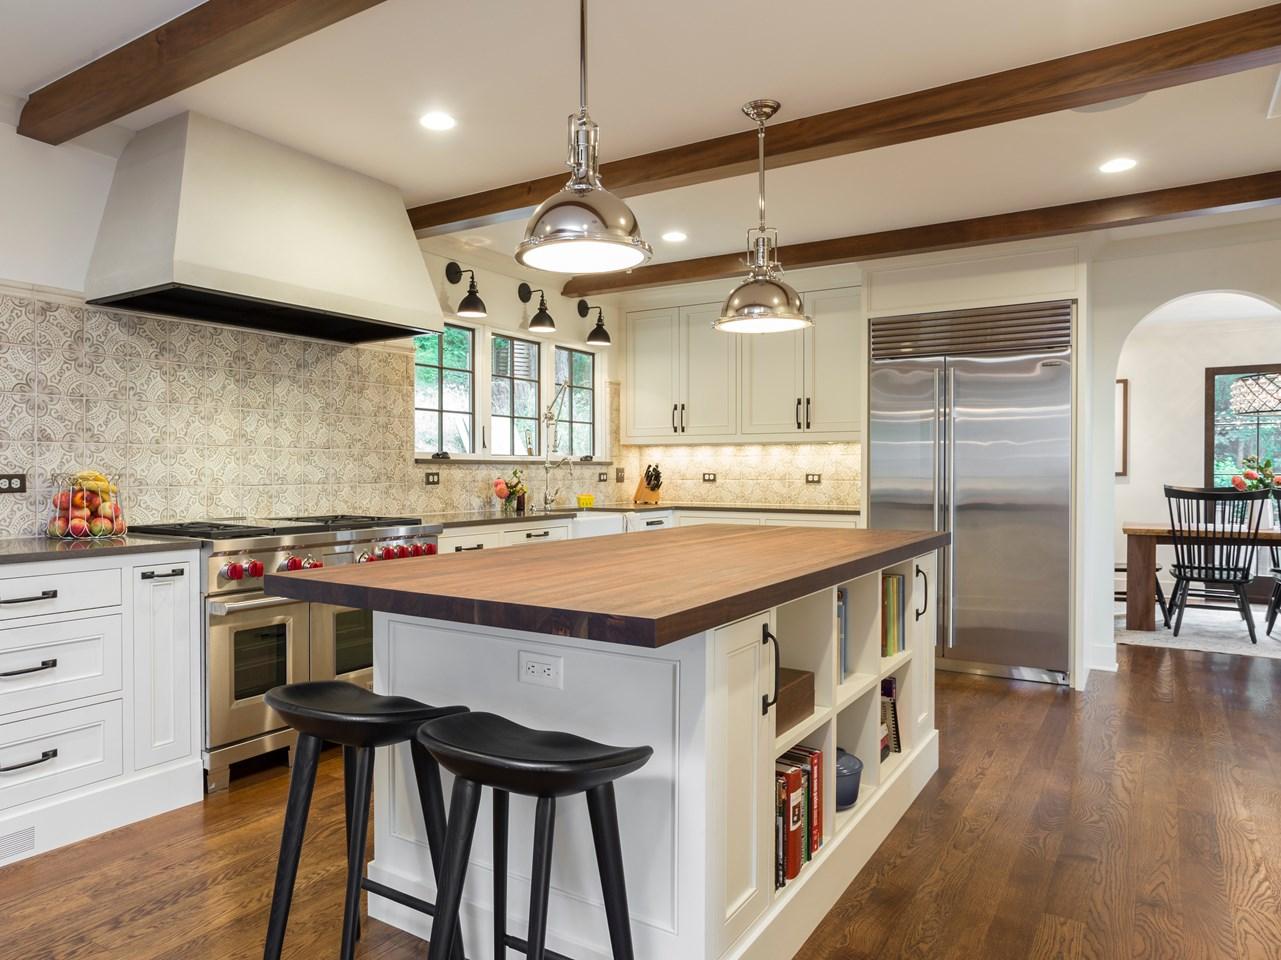 Kitchen, box beams, large island